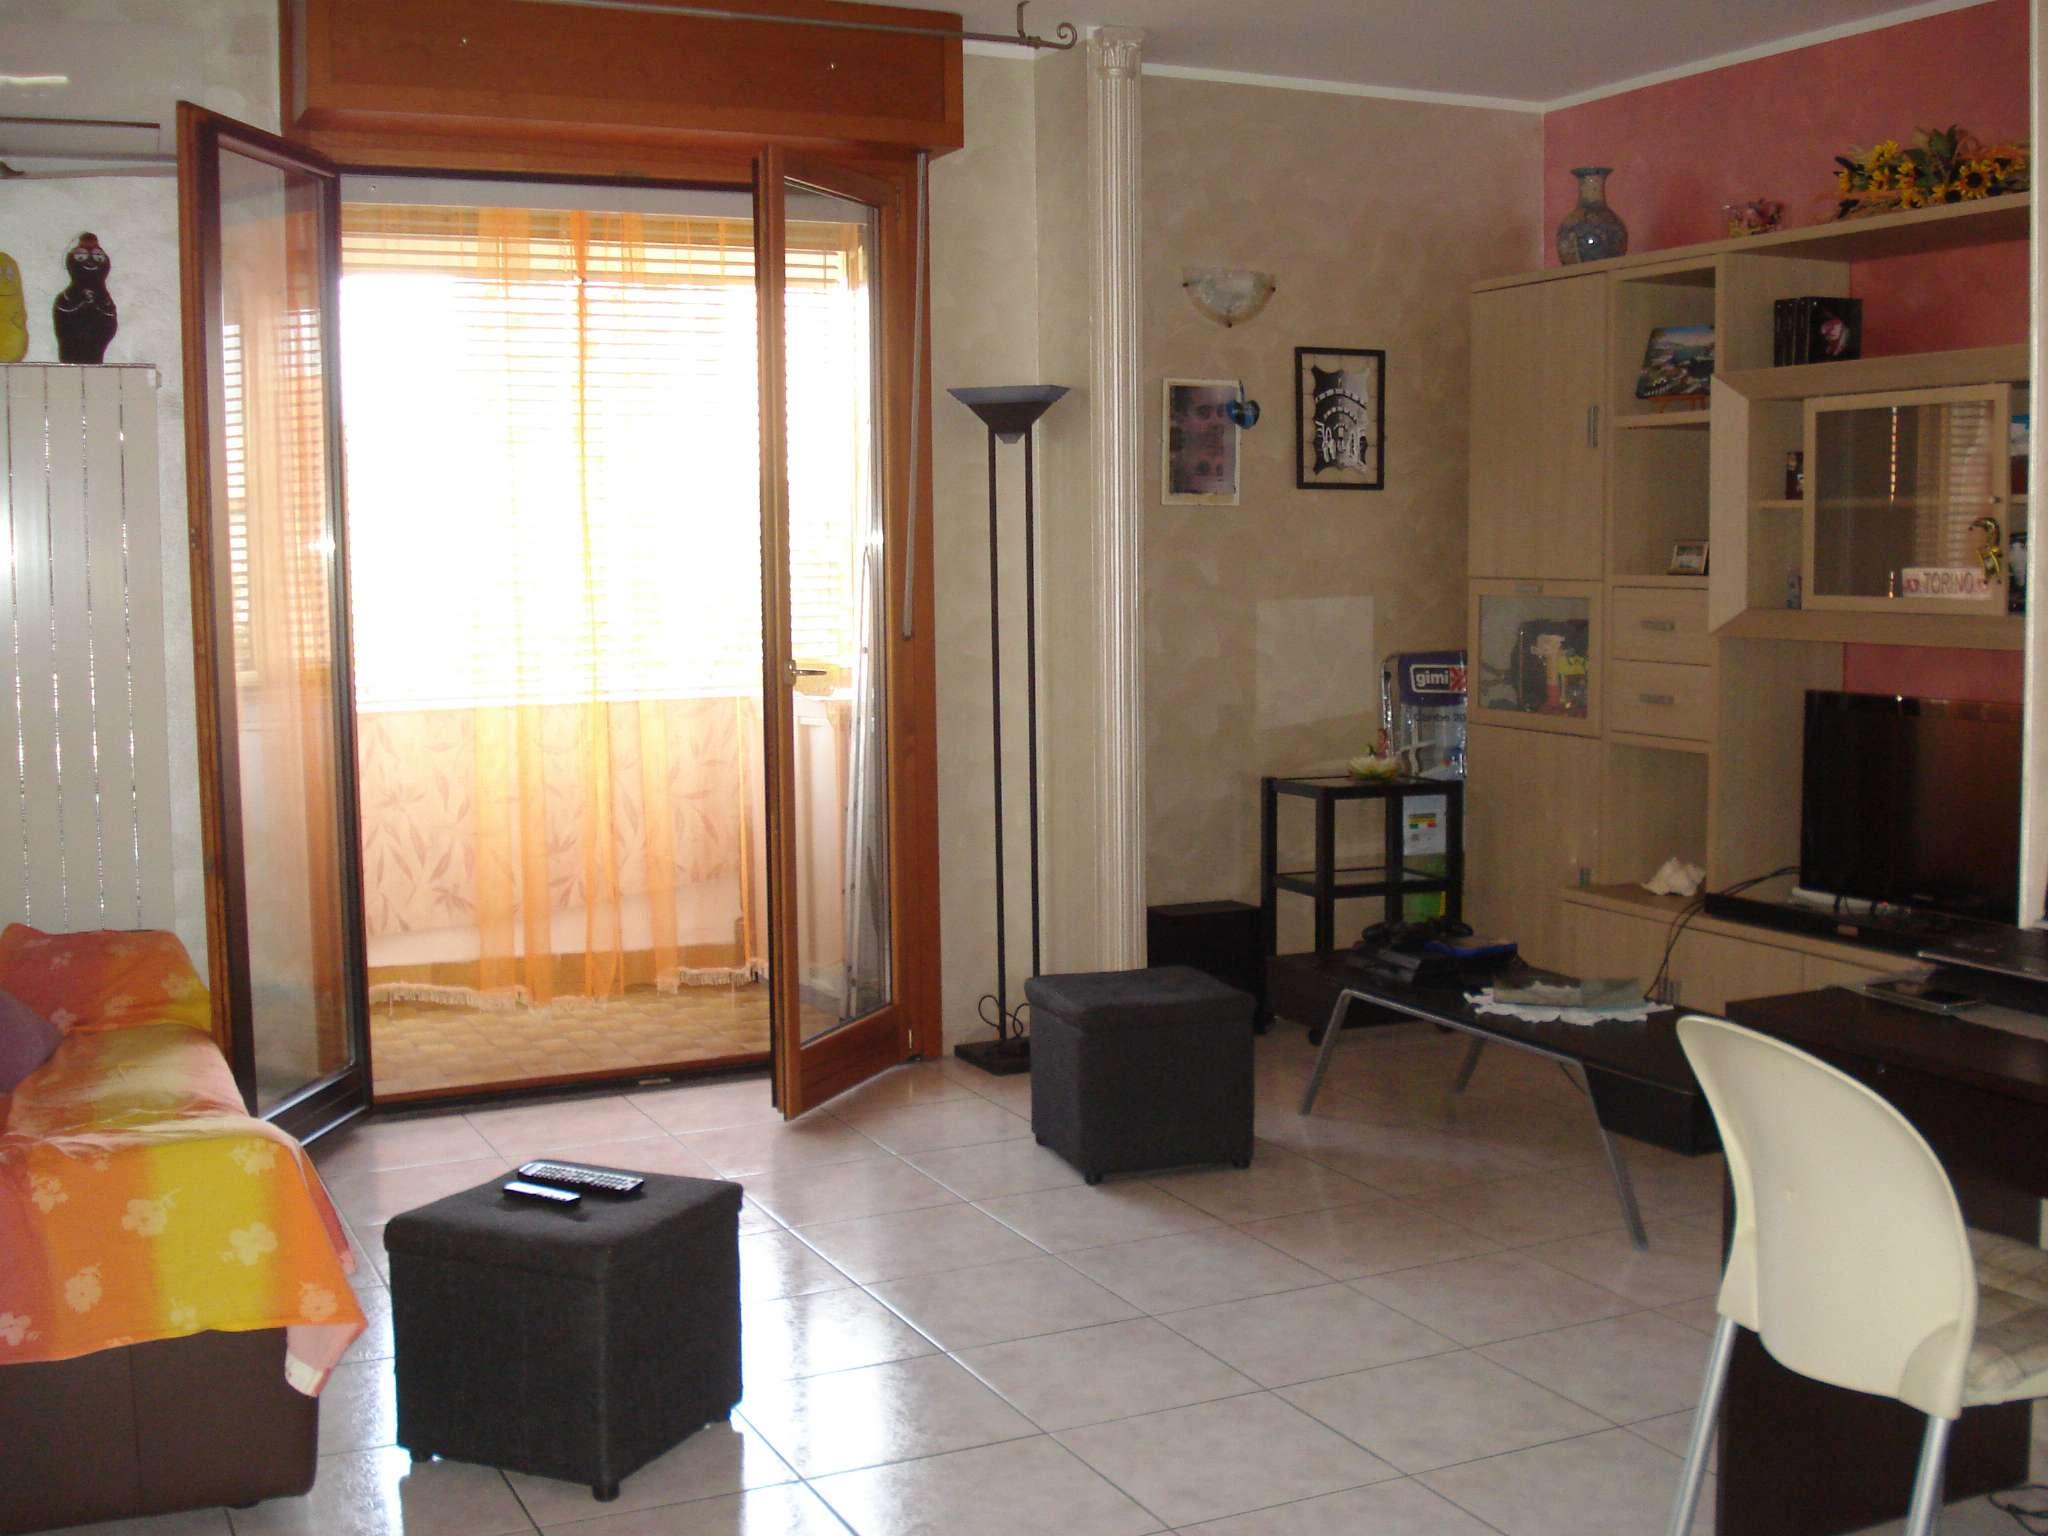 Appartamento in vendita a Beinasco, 4 locali, prezzo € 148.000 | CambioCasa.it